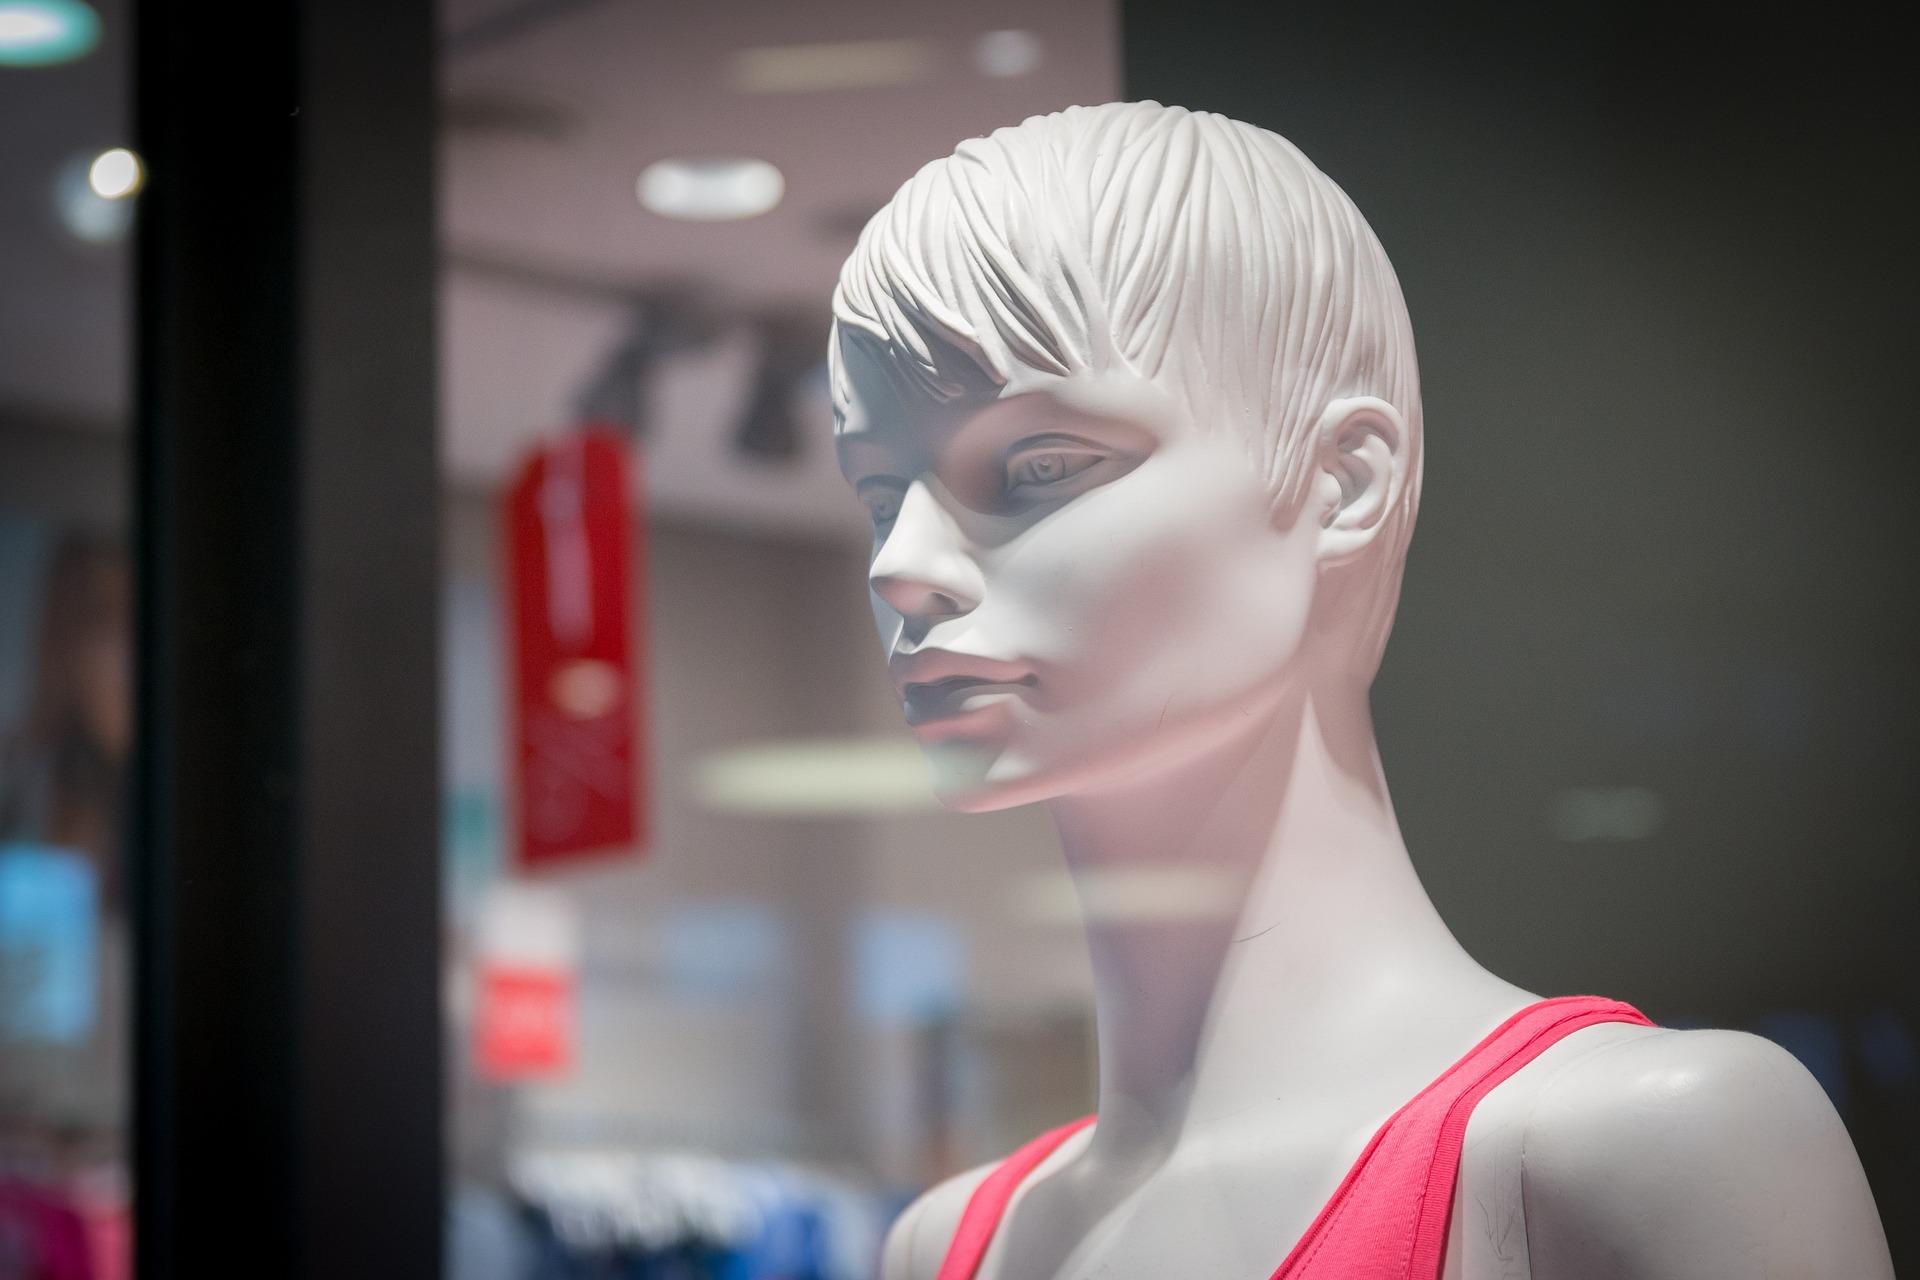 mannequin-906735_1920